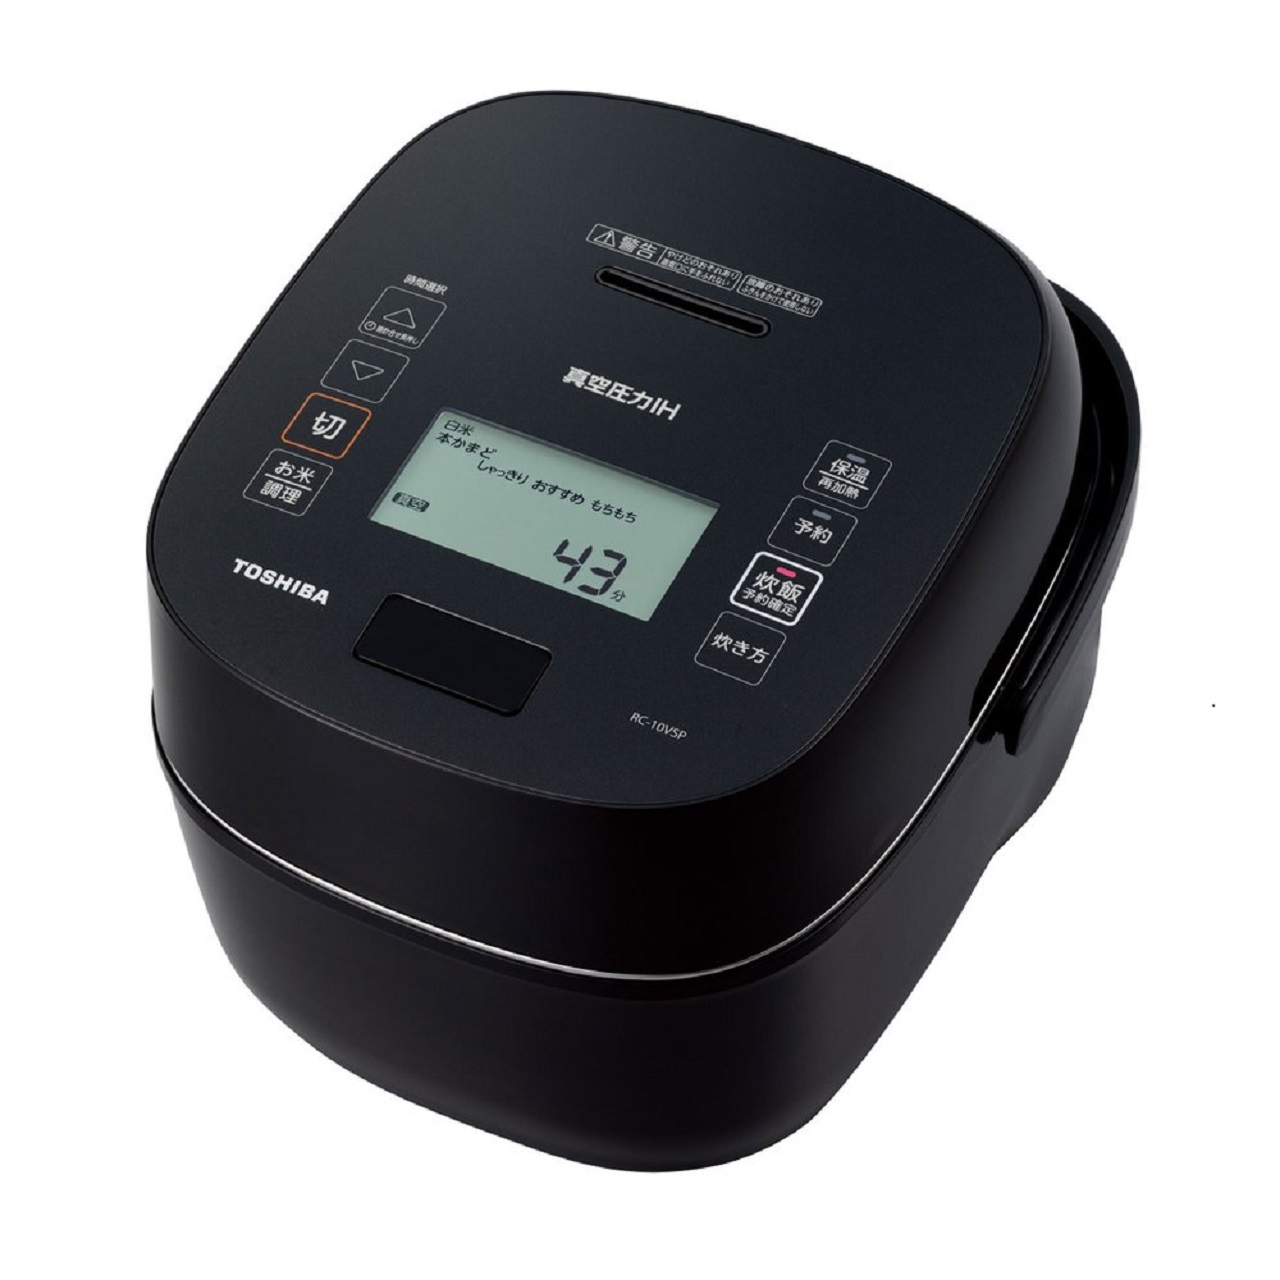 東芝 炎匠炊きRC-10VSP真空圧力IHジャー炊飯器